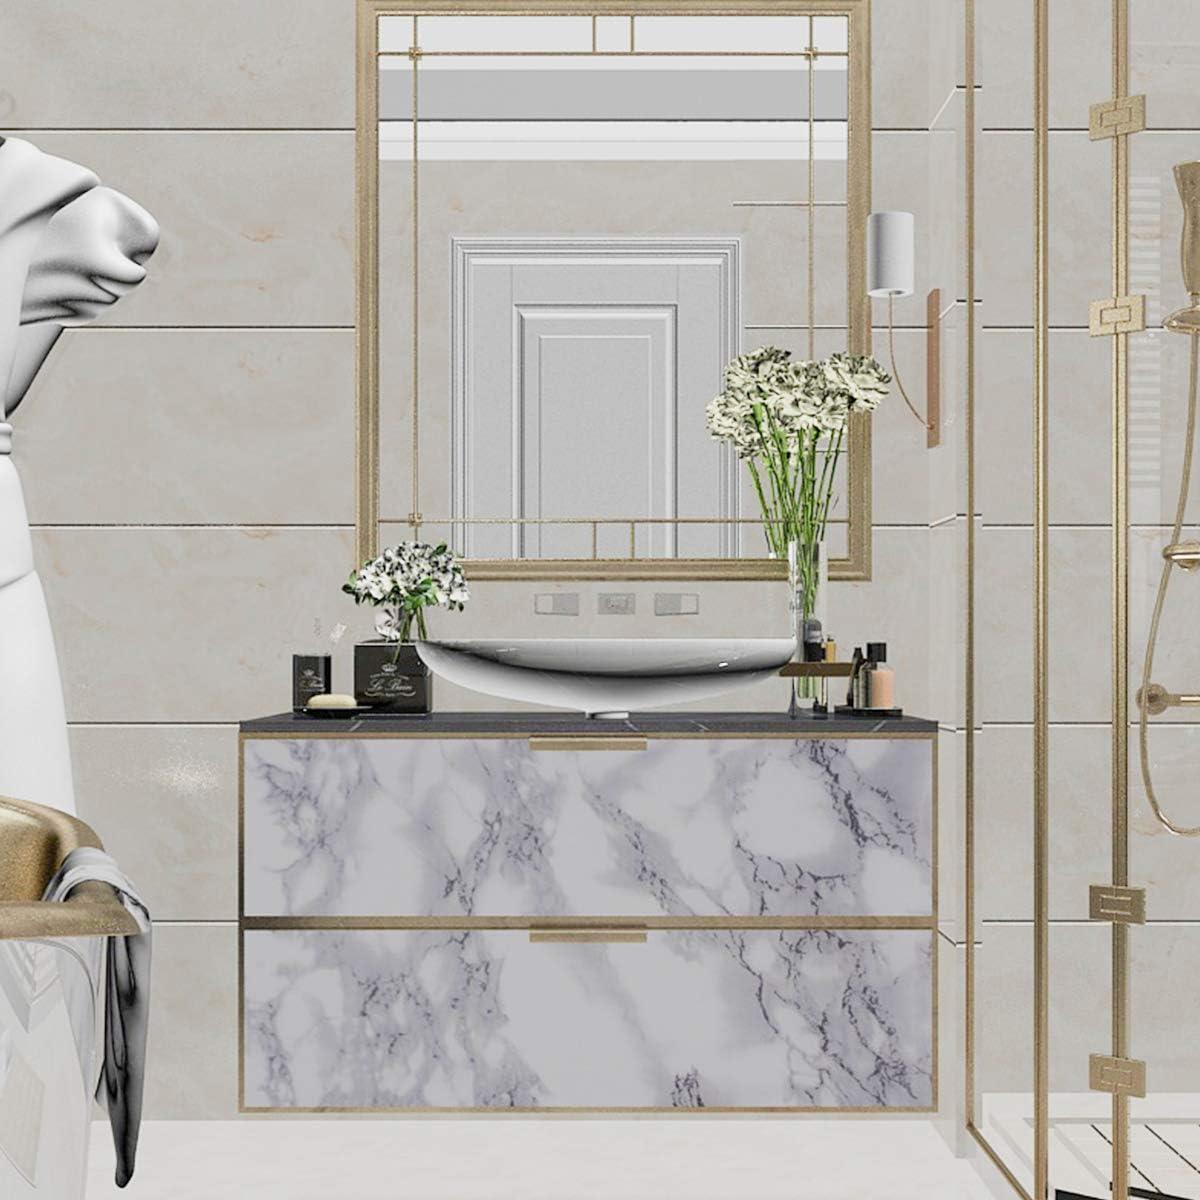 autoadhesivo gabinete de cocina 40cm/×3m JSEVEM Papel pintado de m/ármol blanco con granito de granito de papel pintado resistente al agua papel para escritorio adhesivo para muebles de pared